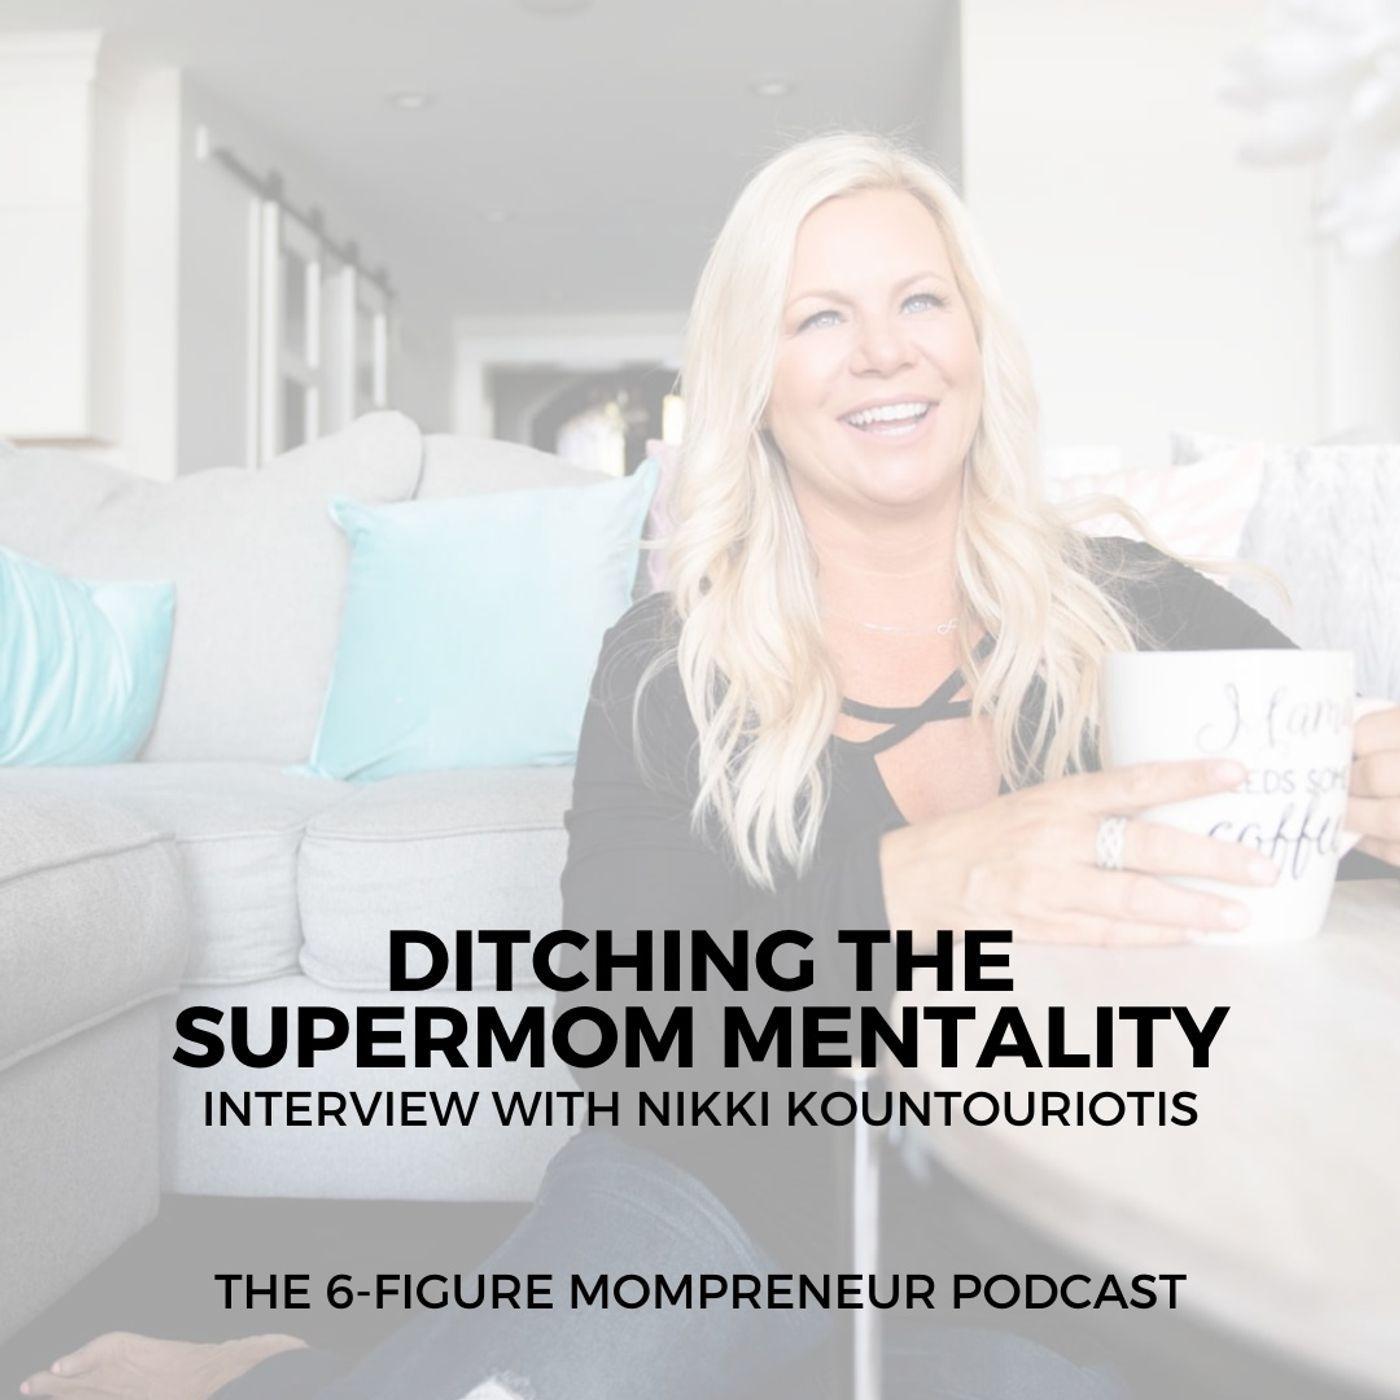 Ditching the SuperMom mentality with Nikki Kountouriotis